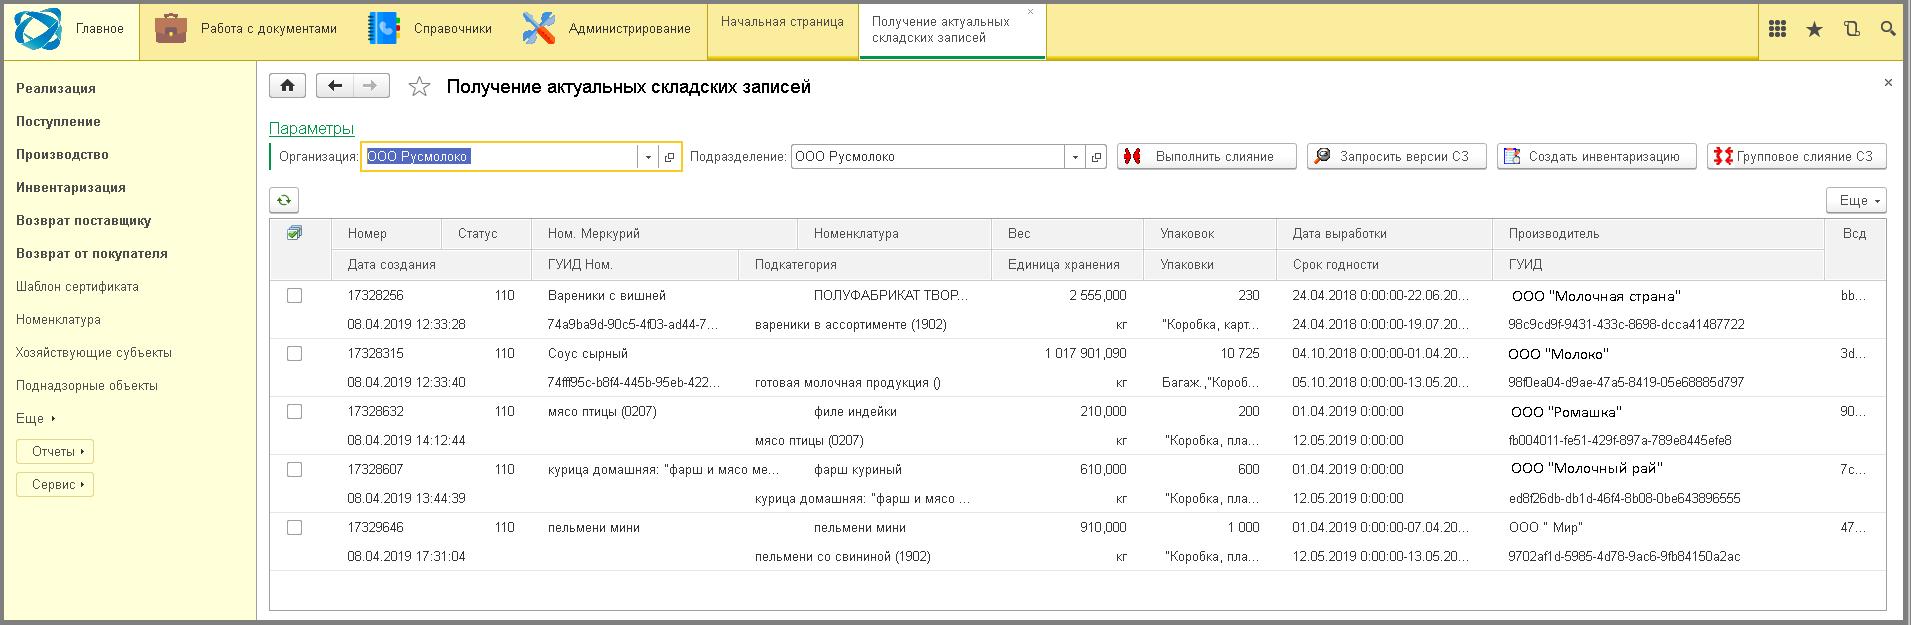 8. Пример раздела 'Сервис' в подразделе 'Получение актуальных складских записей' (для просмотра остатков в Меркурий и изменения, объединения и списания складских записей)